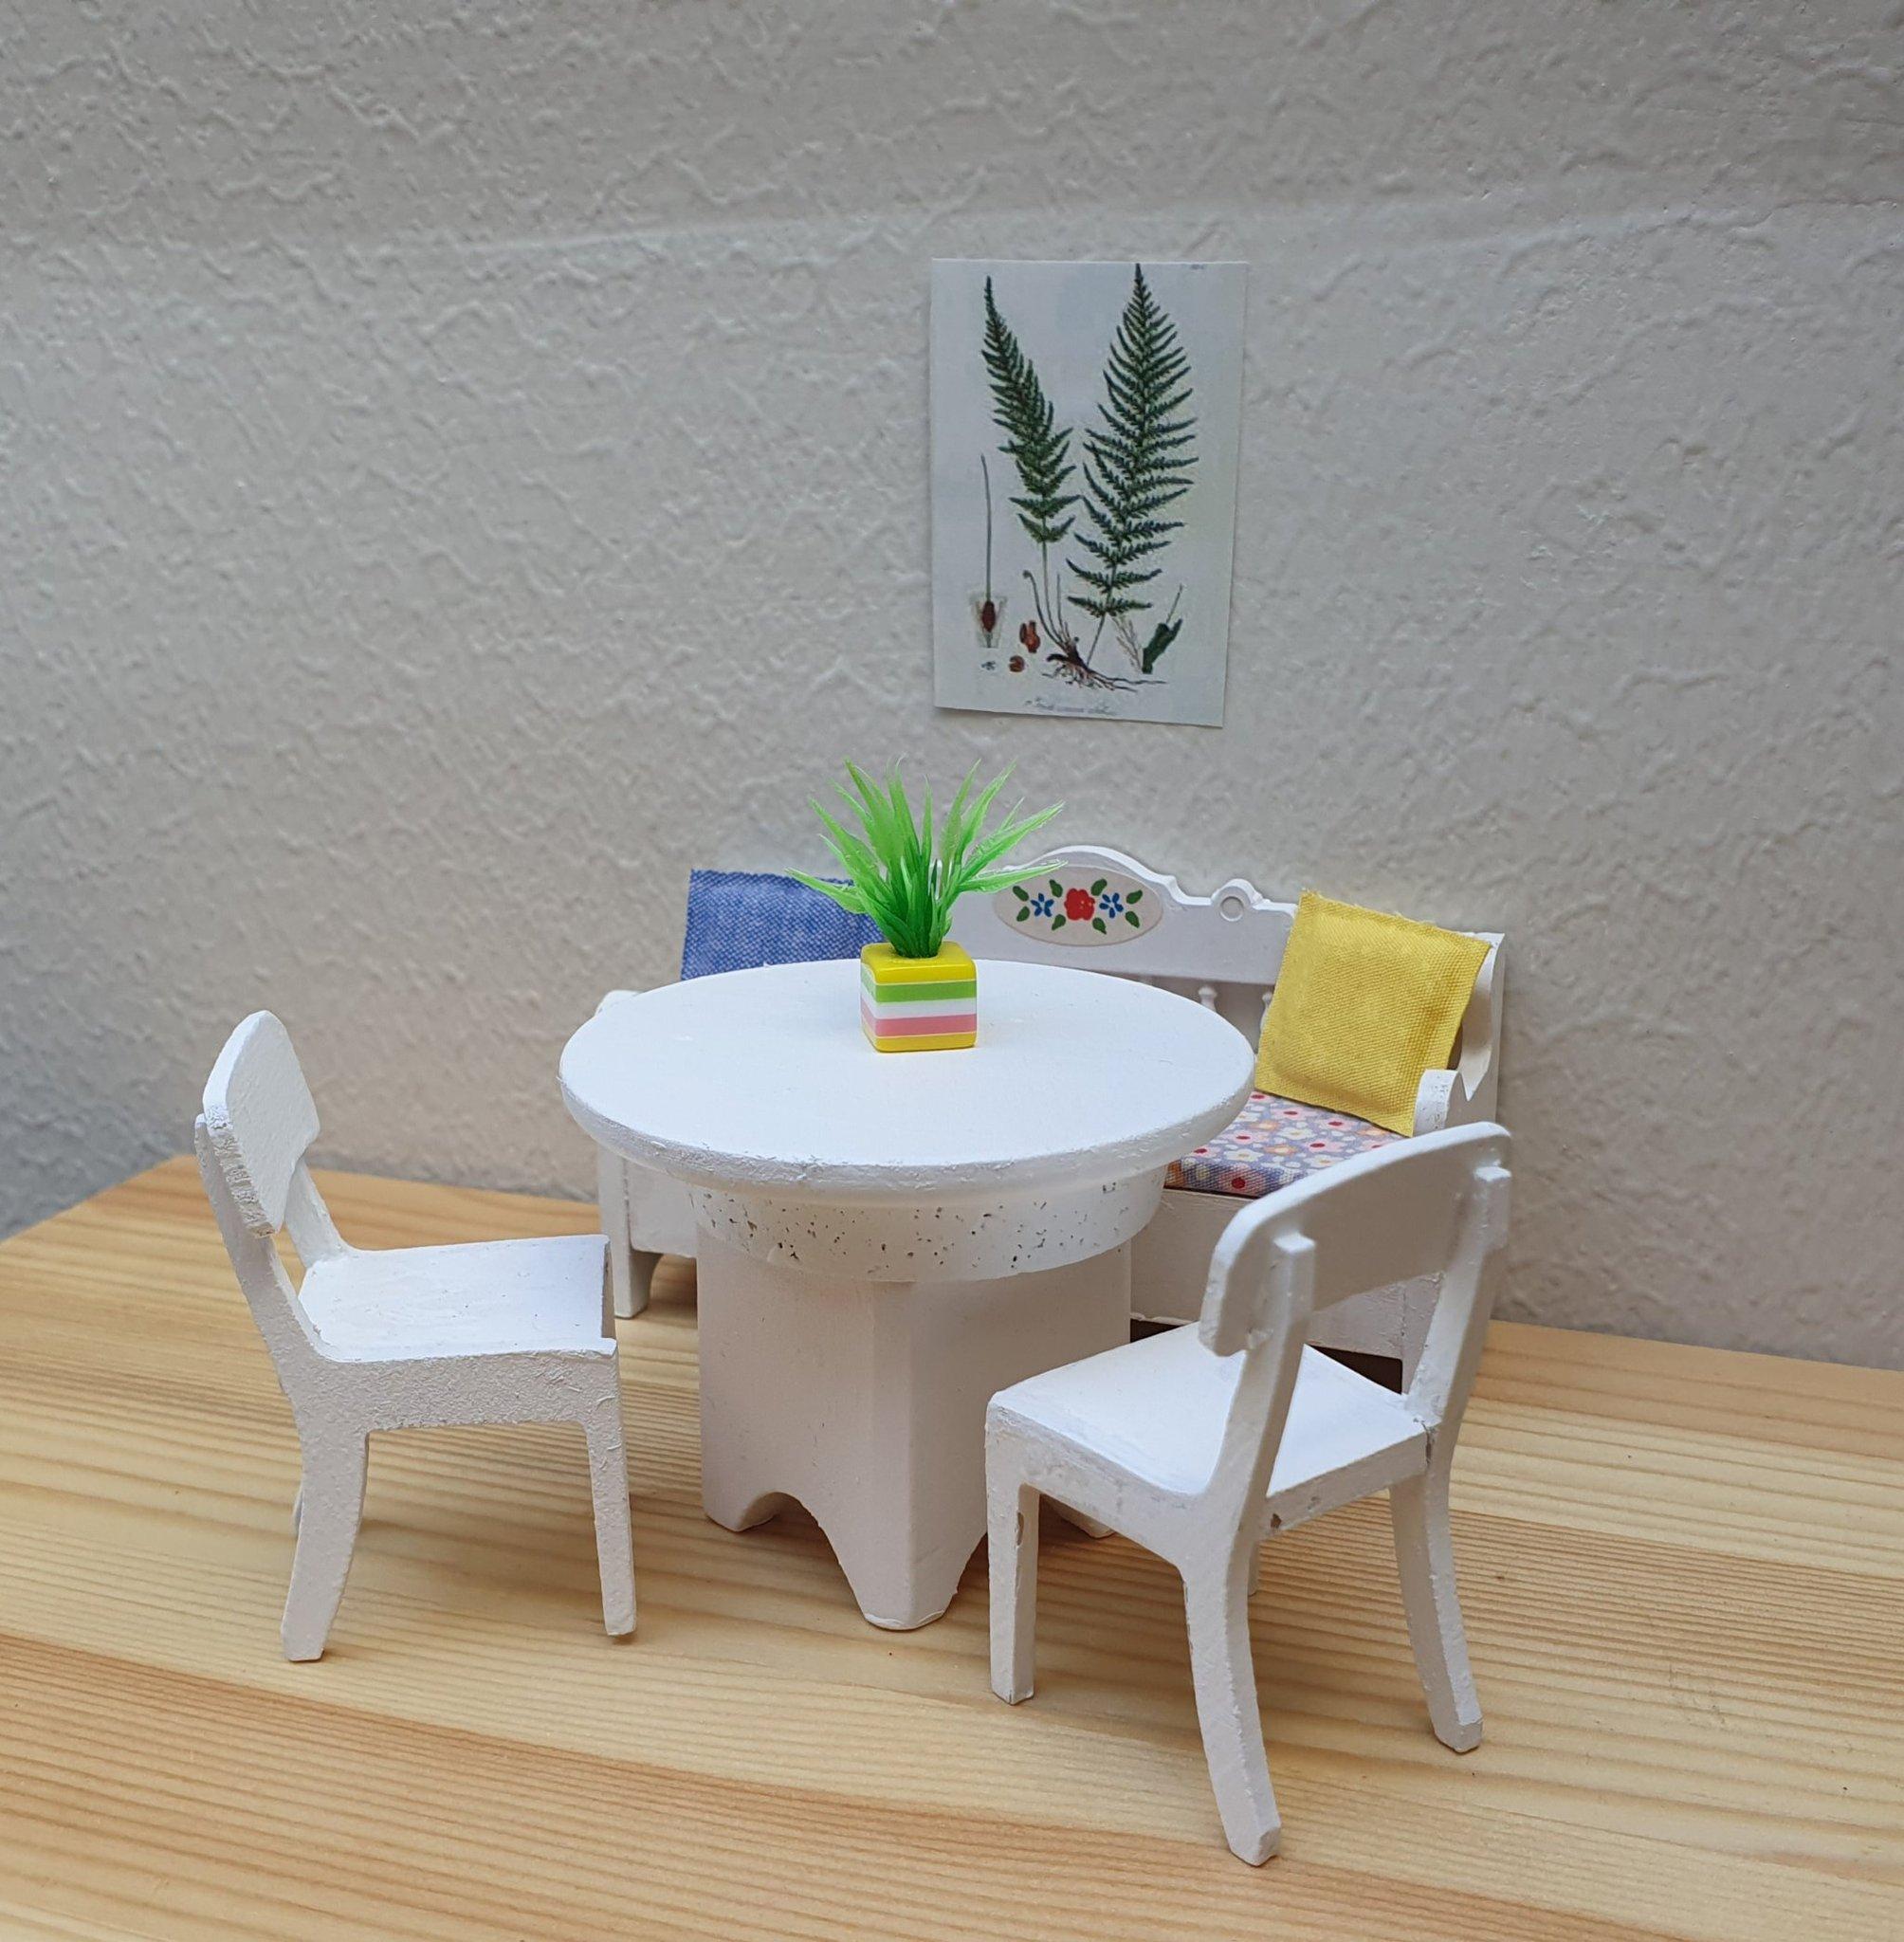 Dockskåp Lundby kökssoffa, bord, stolar, blomma.. (406432492